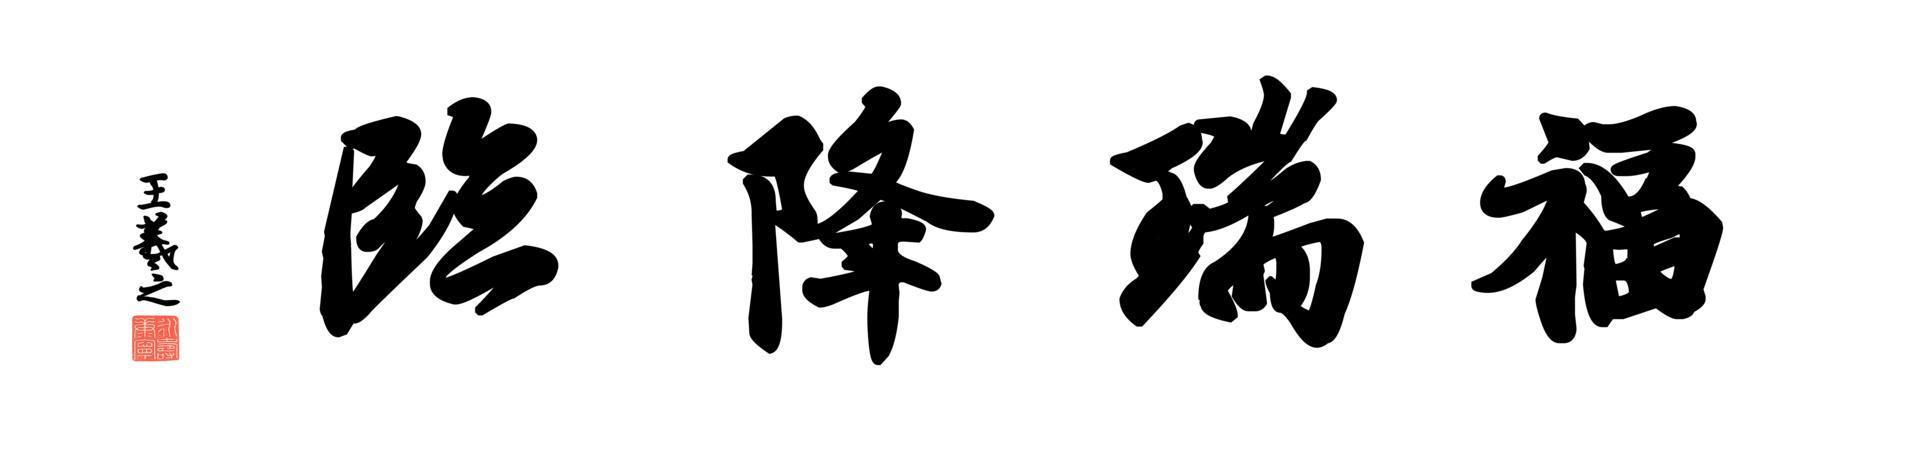 0048_王羲之兰亭体数字书法-四字横幅福瑞降临136x33cm_21417x5197PX_TIF_400DPI_326_0